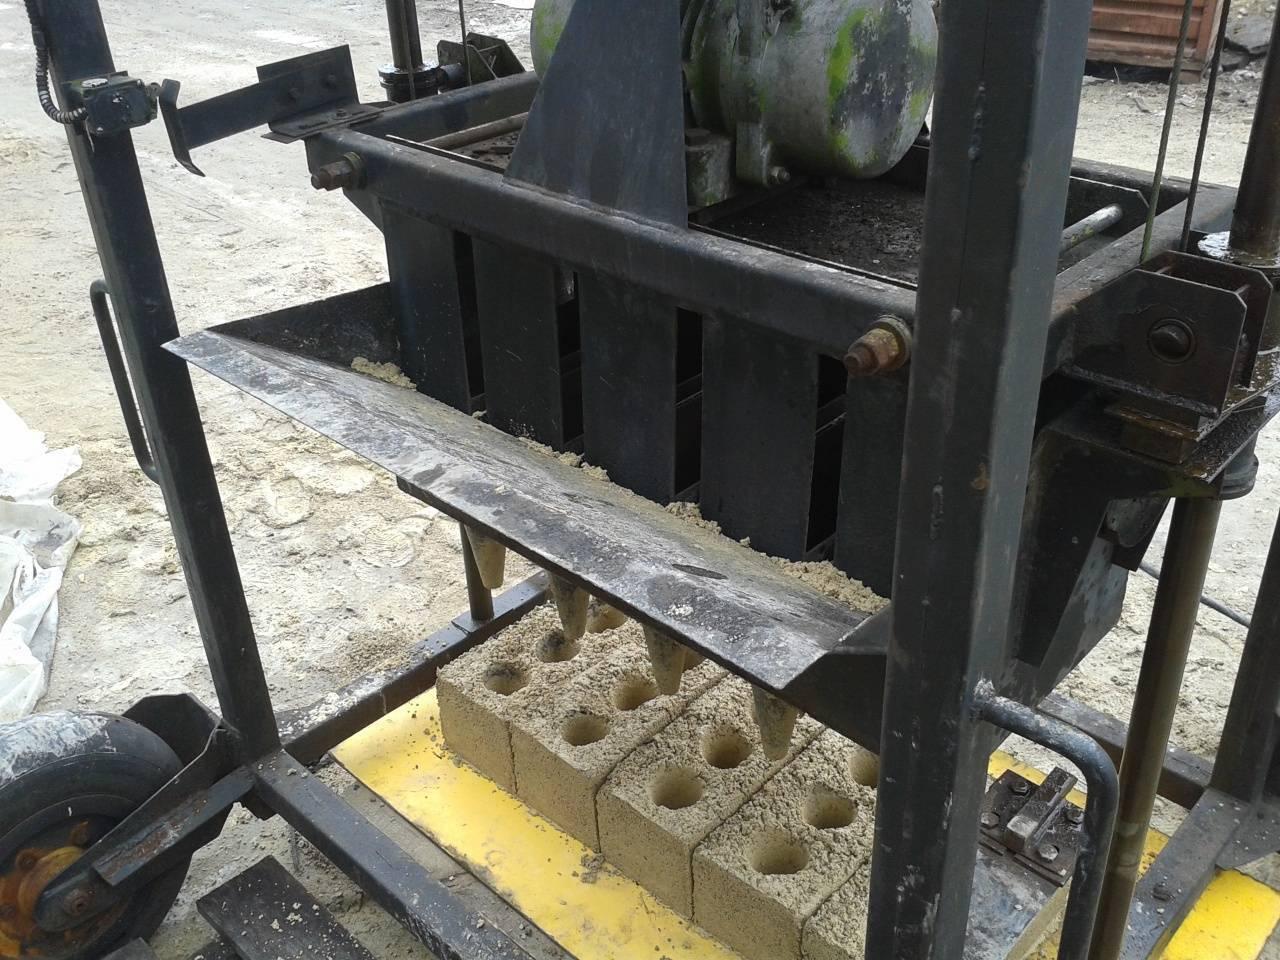 Оборудование для шлакоблоков своими руками: станки для производства, вибростолы, чертежи форм, себестоимость - инструкция по расчету, фото и видео-уроки